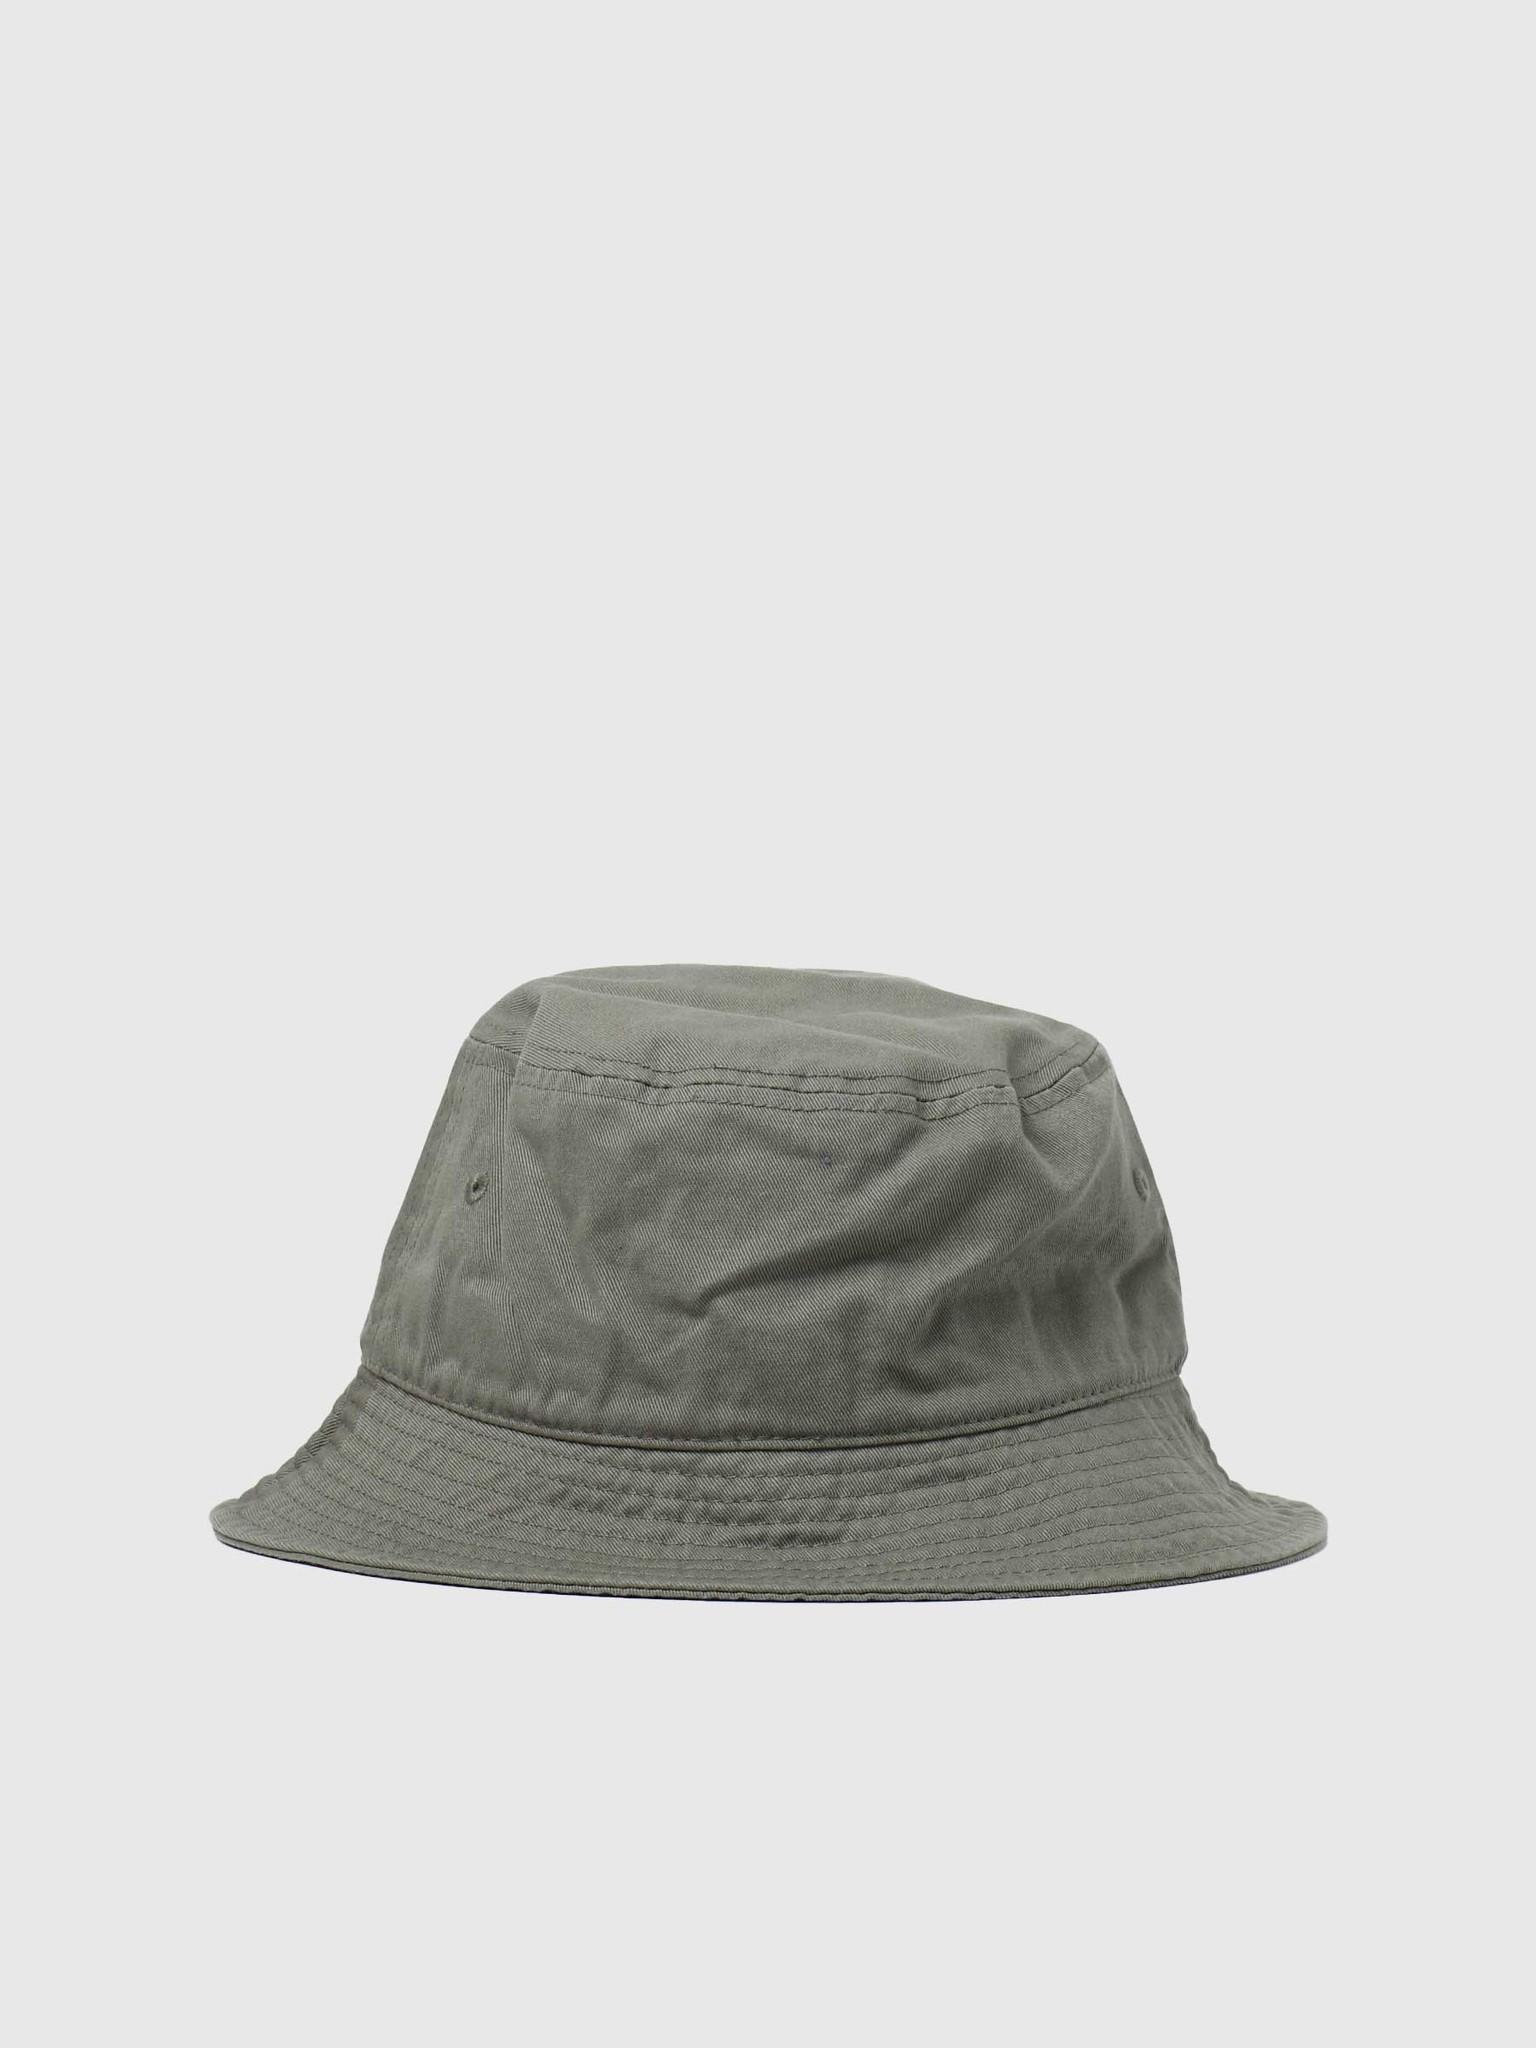 Stussy Stussy Stock Bucket Hat Olive 6505002060-0403